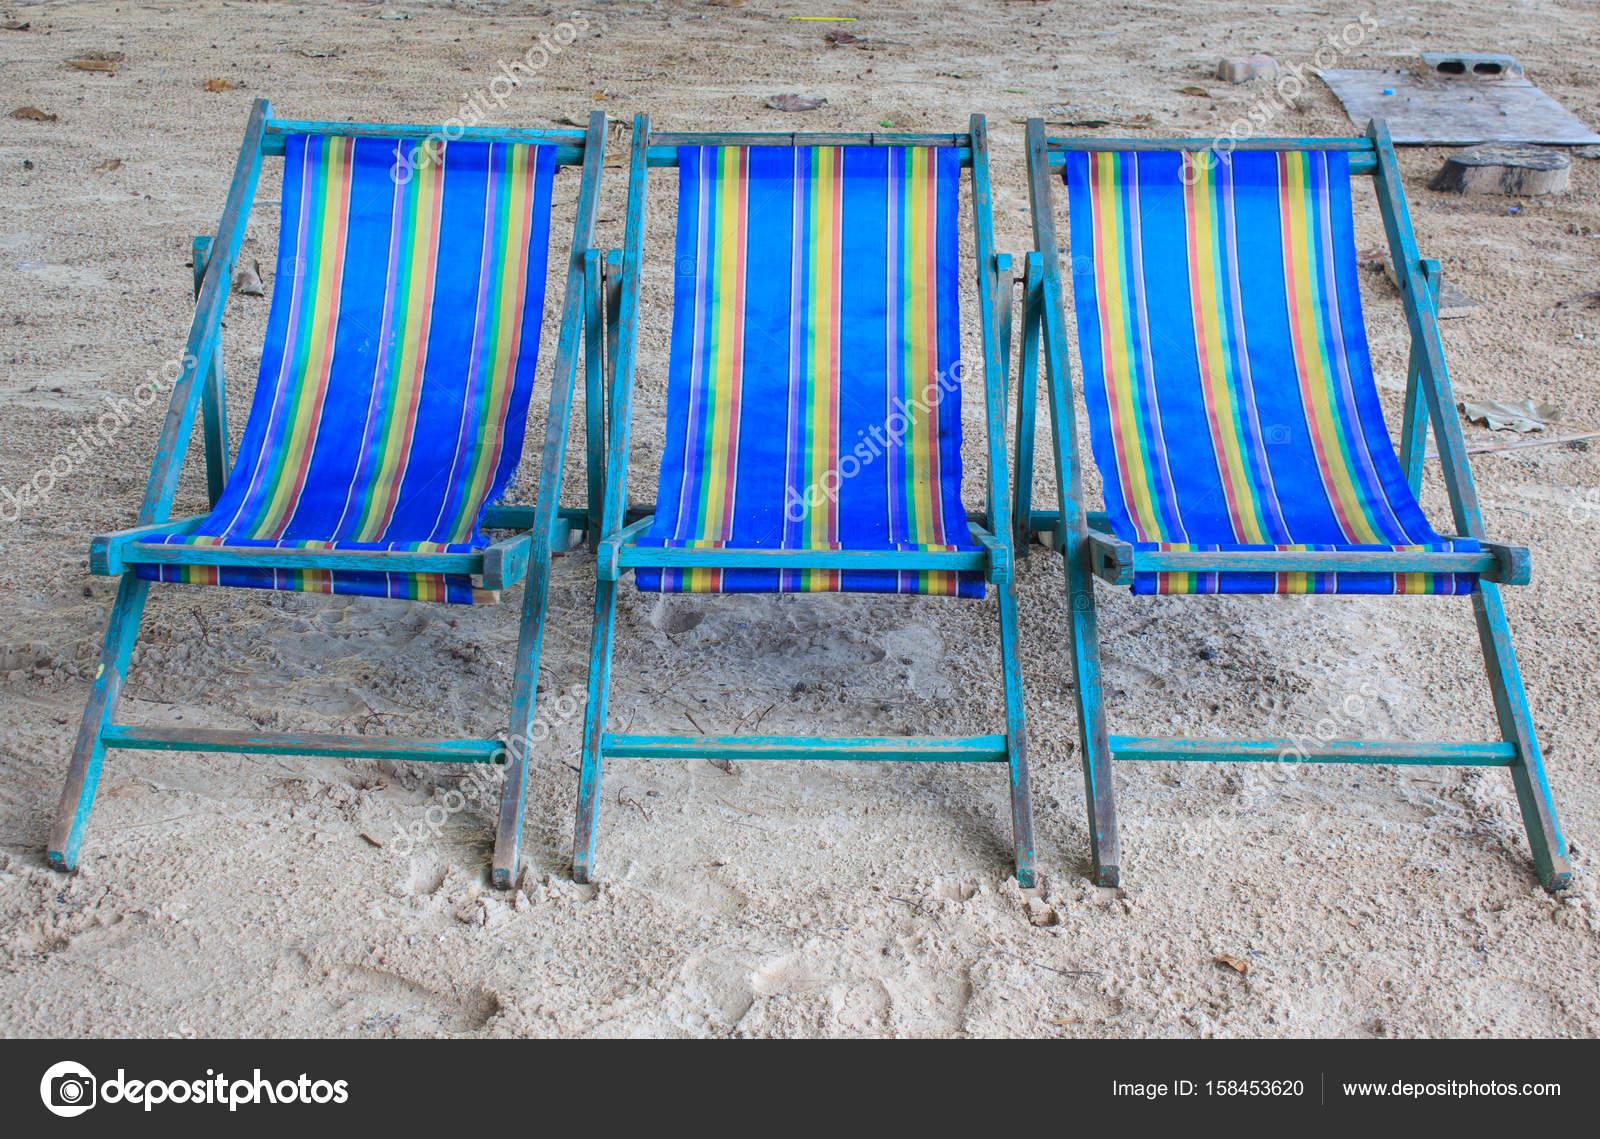 Stock Sedie In Plastica.Sedie Di Plastica Sulla Spiaggia Foto Stock C Prapholl 158453620